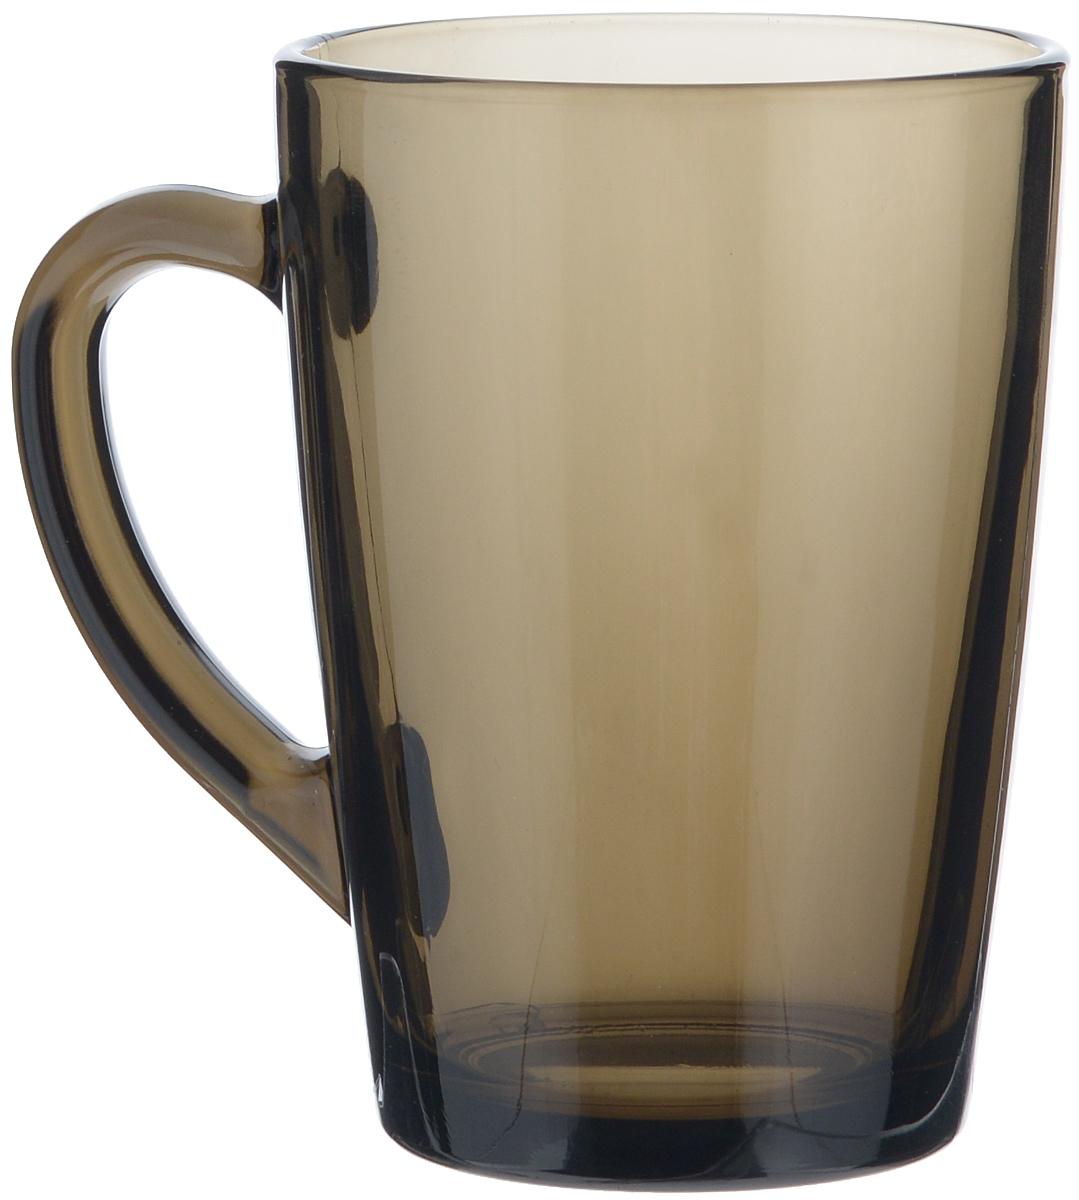 Кружка Luminarc С добрым утром, цвет: дымчатый, 320 мл115510Кружка Luminarc С добрым утром изготовлена из упрочнённого стекла. Такая кружка прекрасно подойдет для горячих и холодных напитков. Она дополнит коллекцию вашей кухонной посуды и будет служить долгие годы. Можно использовать в посудомоечной машине и СВЧ. Объем кружки: 320 мл. Диаметр кружки (по верхнему краю): 8 см. Высота стенки кружки: 11 см.